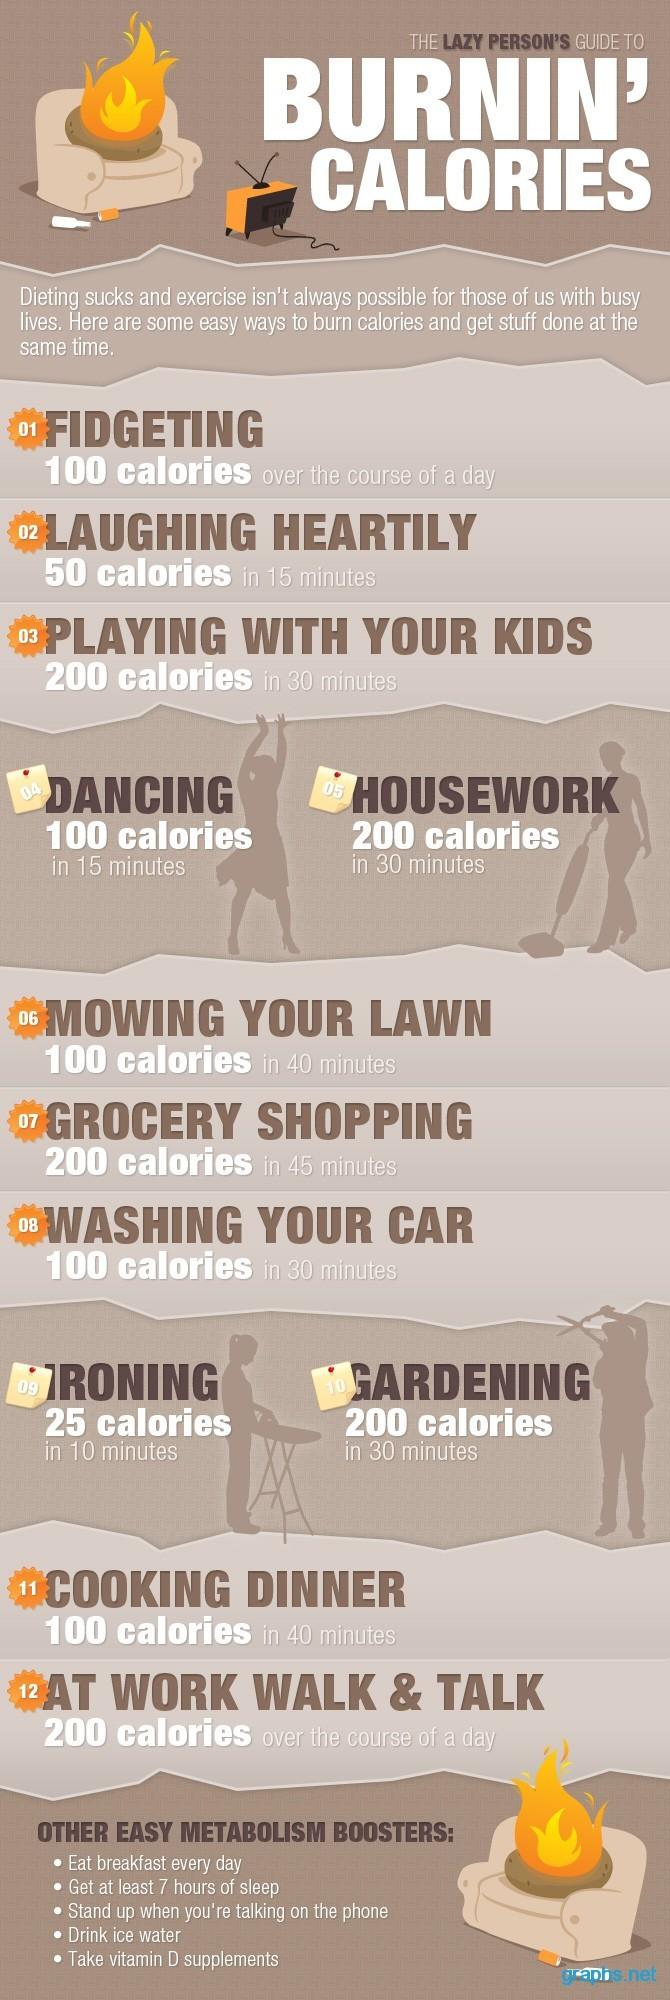 lazy way to burn calories